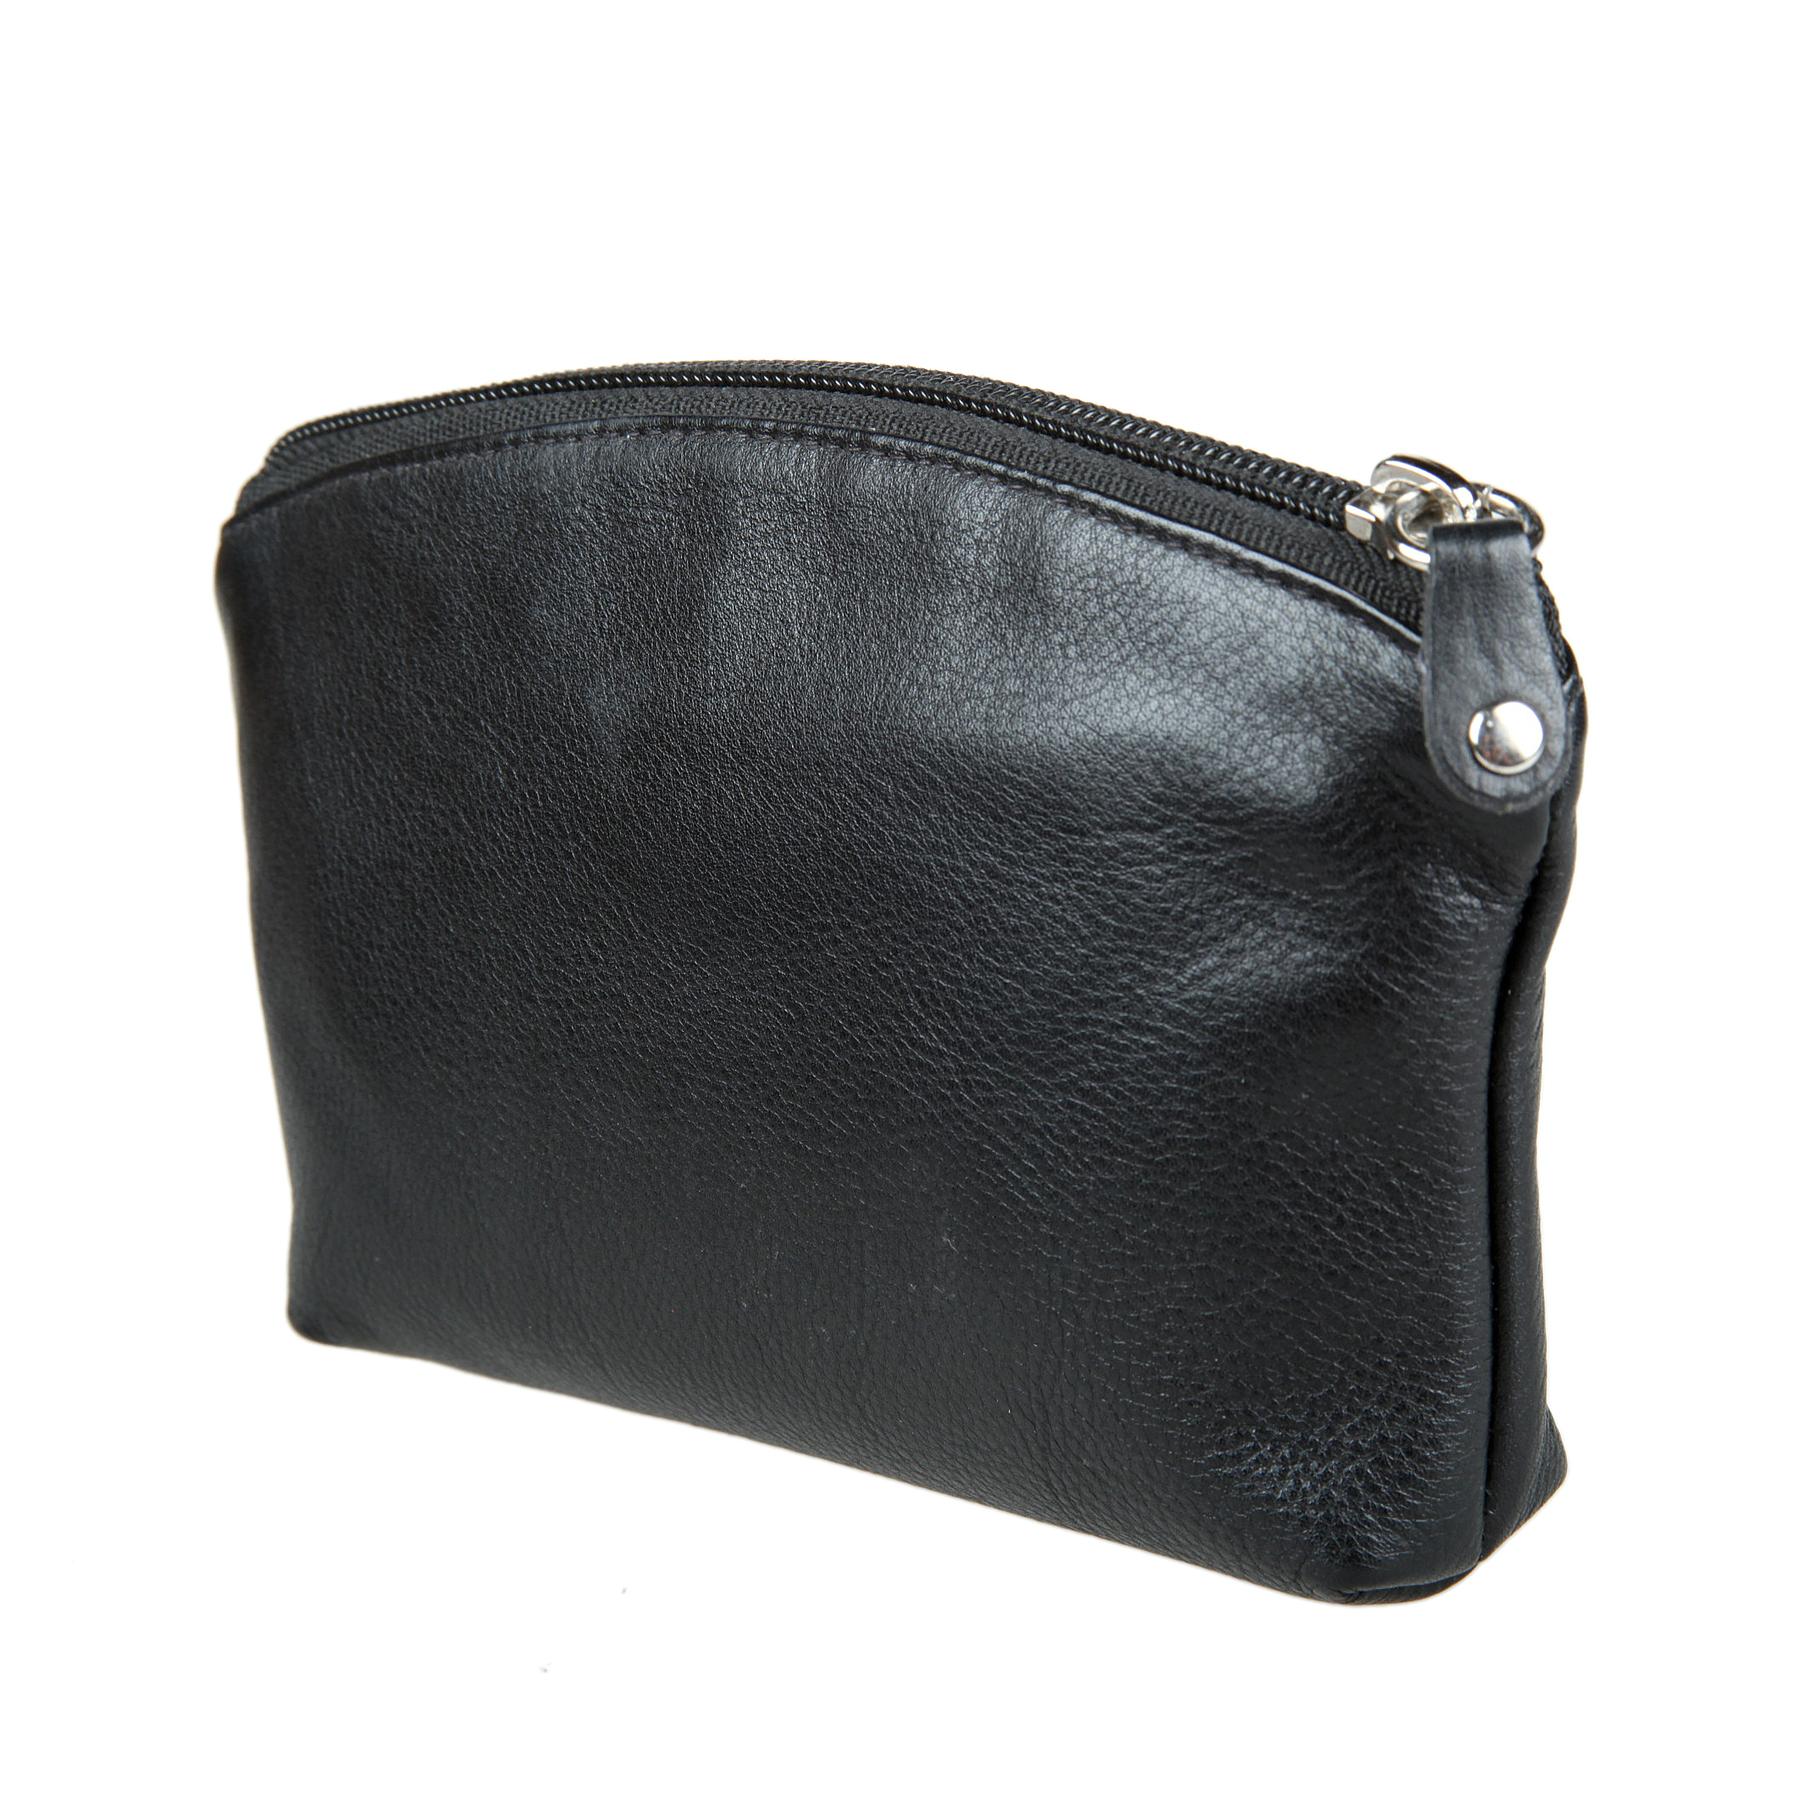 Косметичка женская Bodenschatz, цвет: черный. 8-624 8-624 black